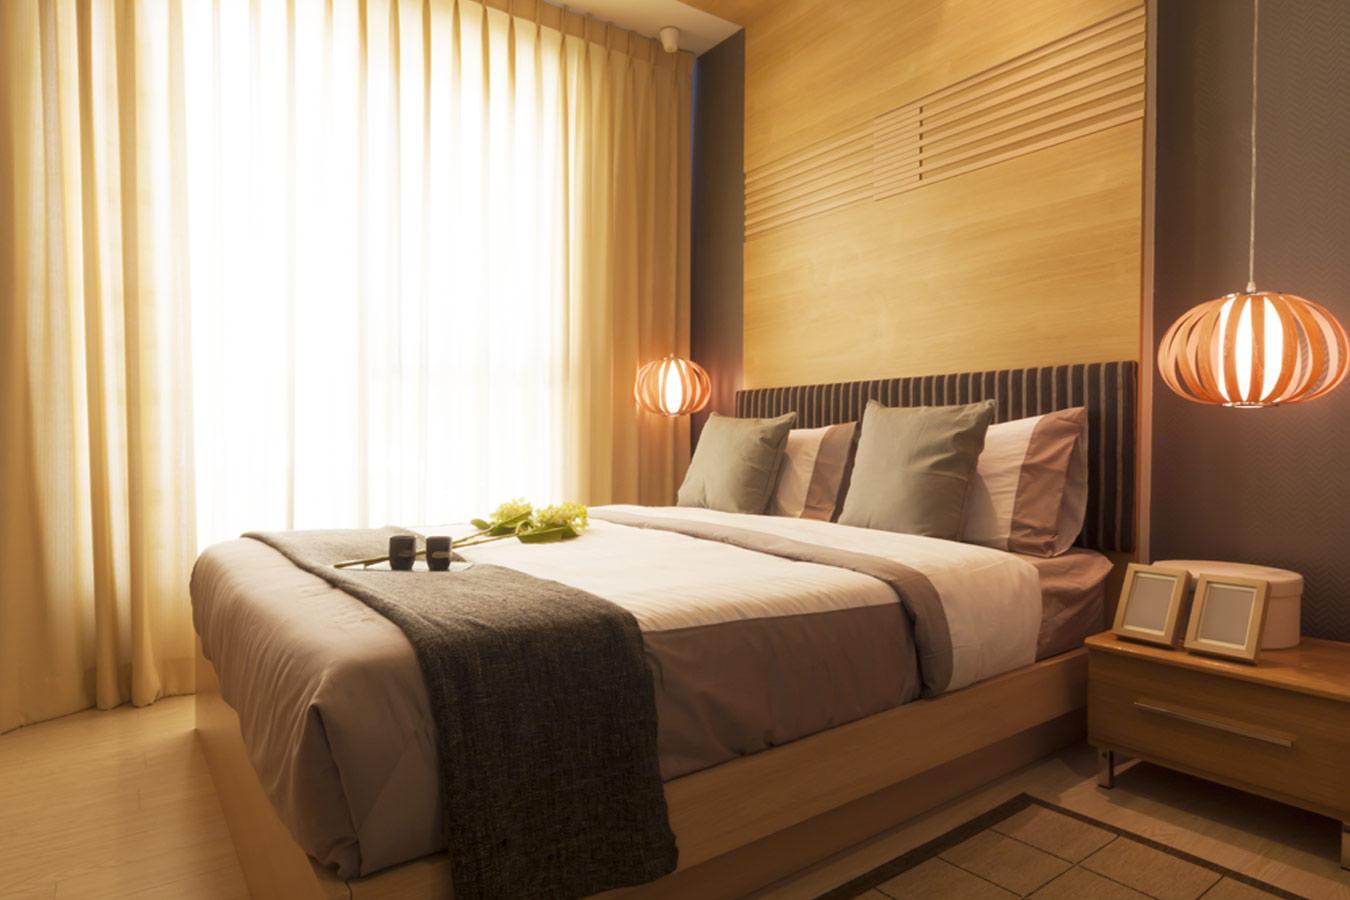 Landelijke slaapkamer idee n inspiratie - Romantische kamers ...